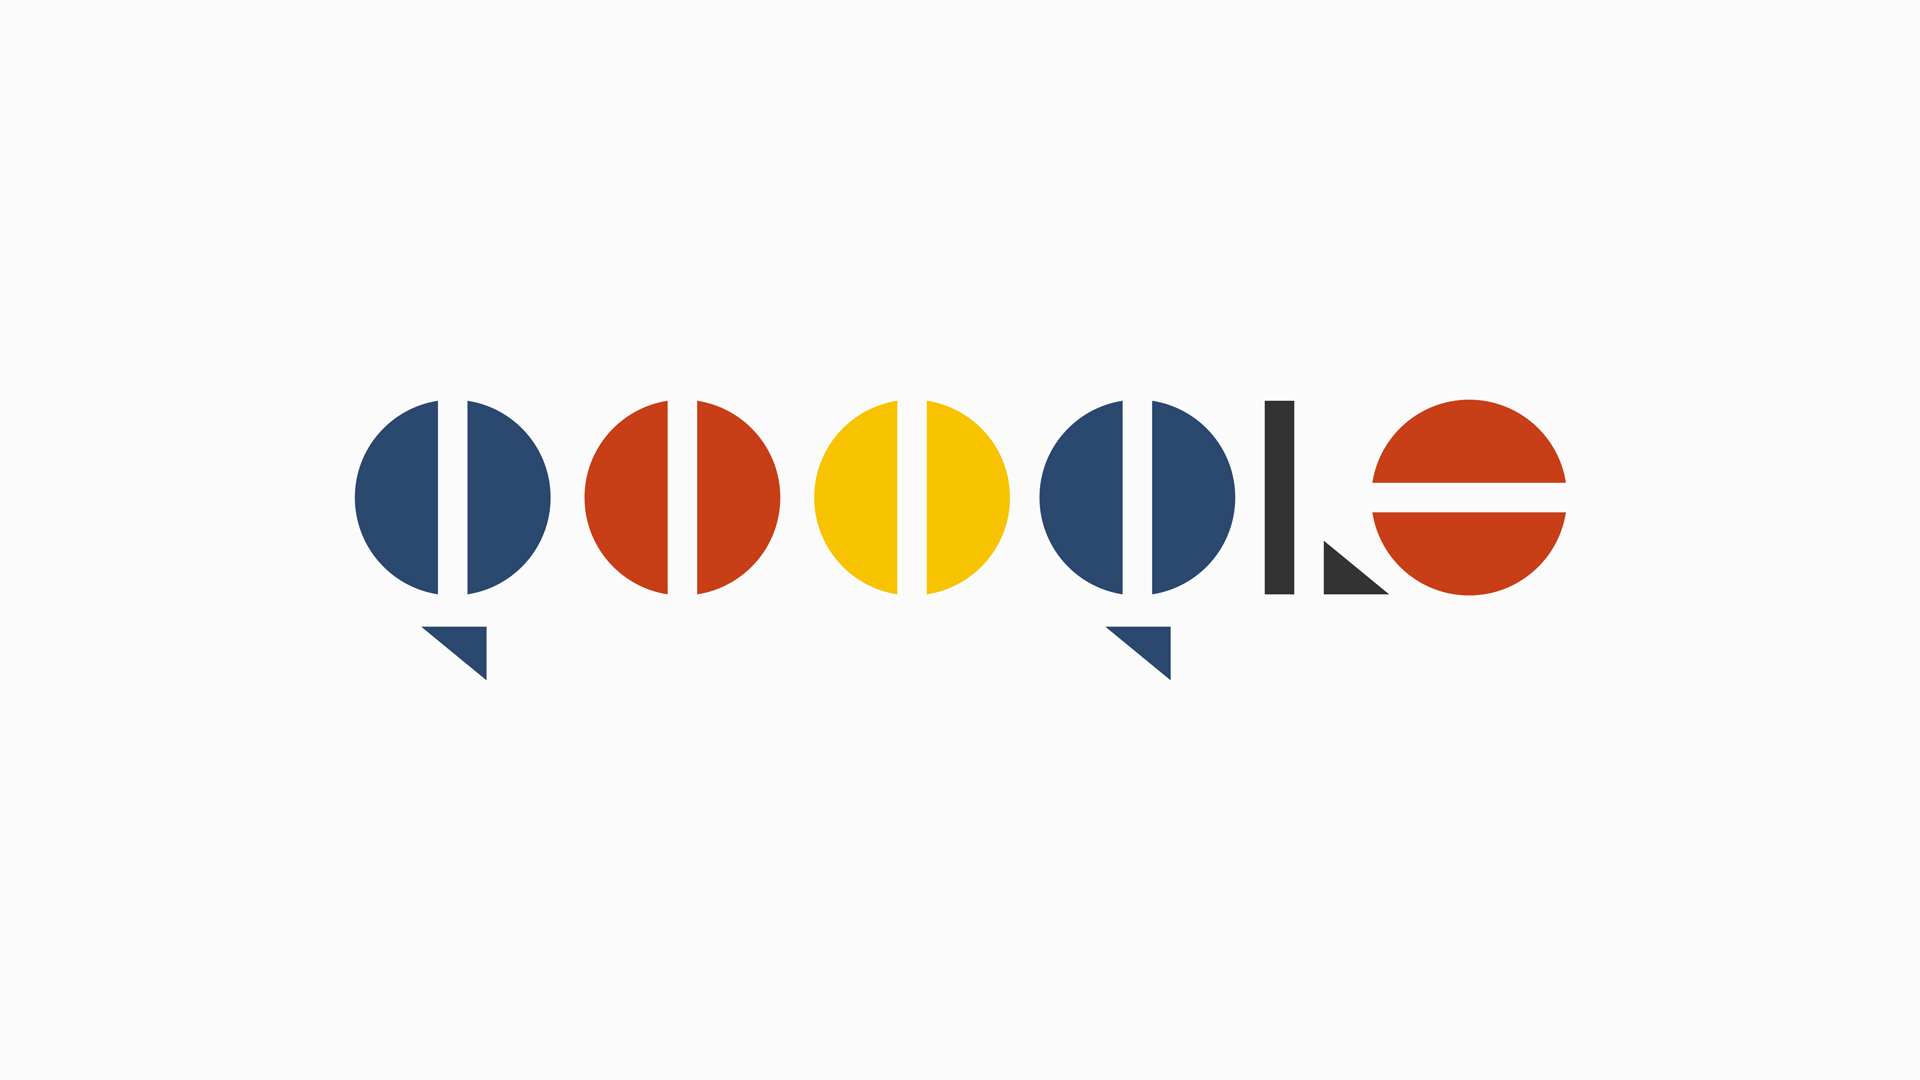 Logos Bauhaus Asi Serian Netflix O Google Interpretados Por Esta